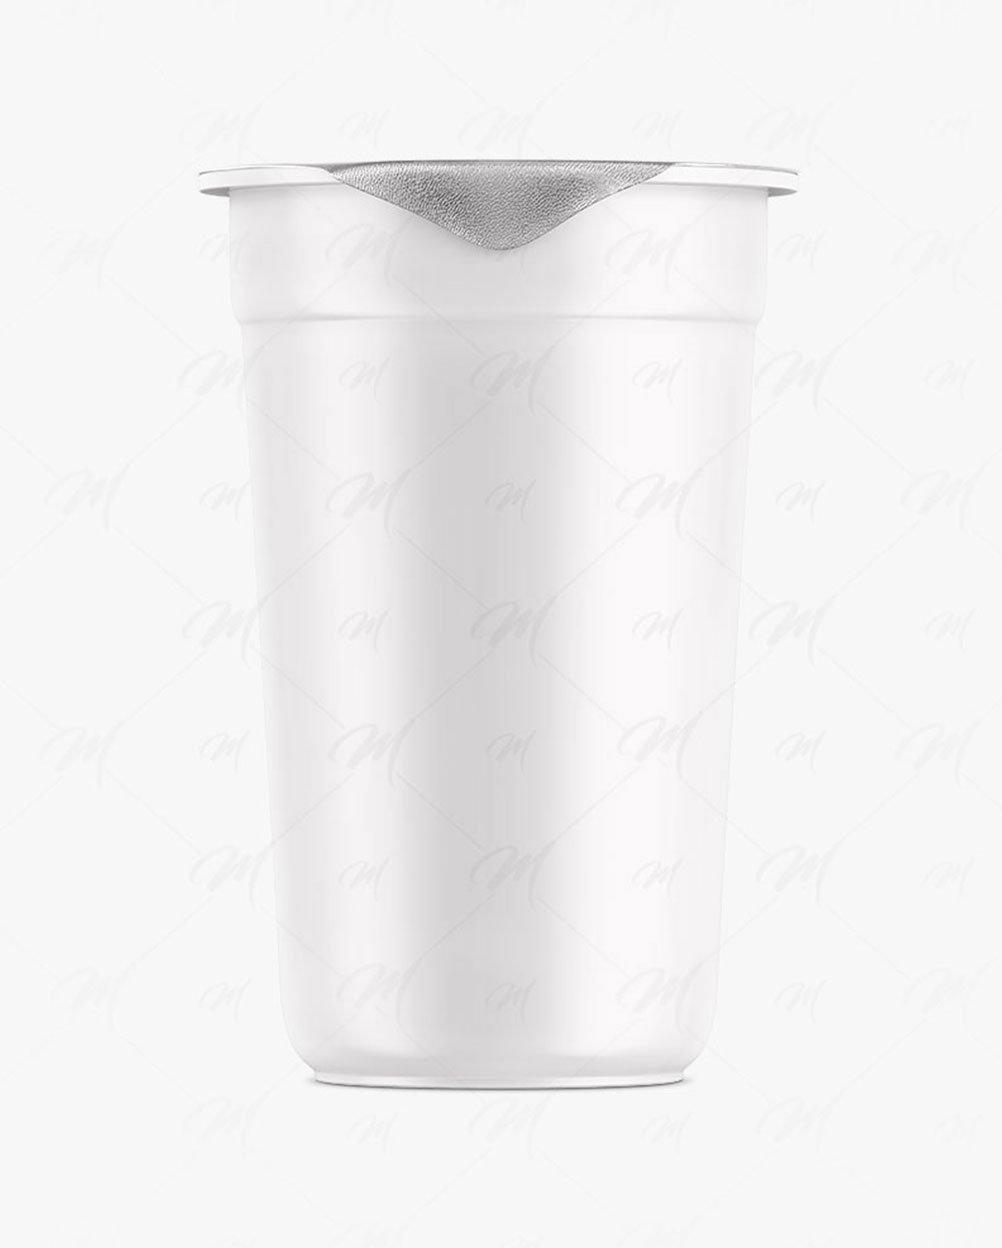 mockup de copo de plástico